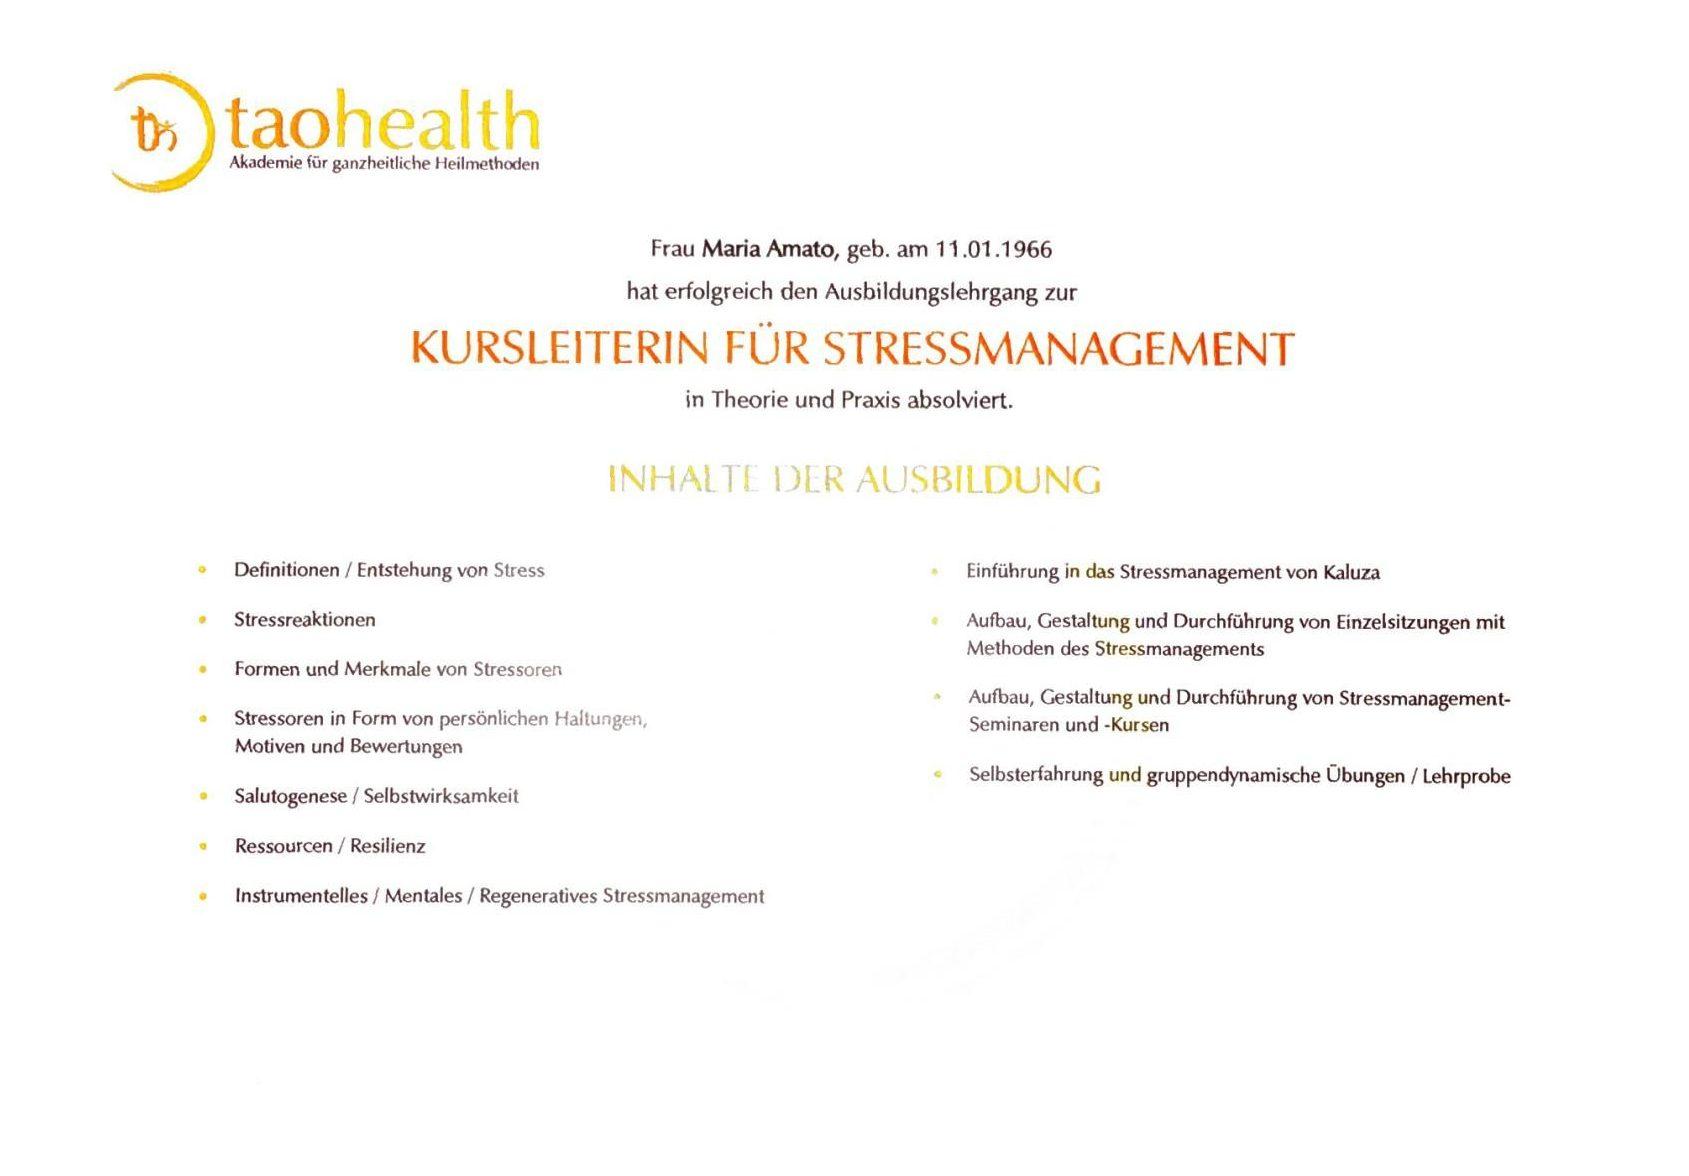 Zertifikat - Kursleiterin für Stressmanagement